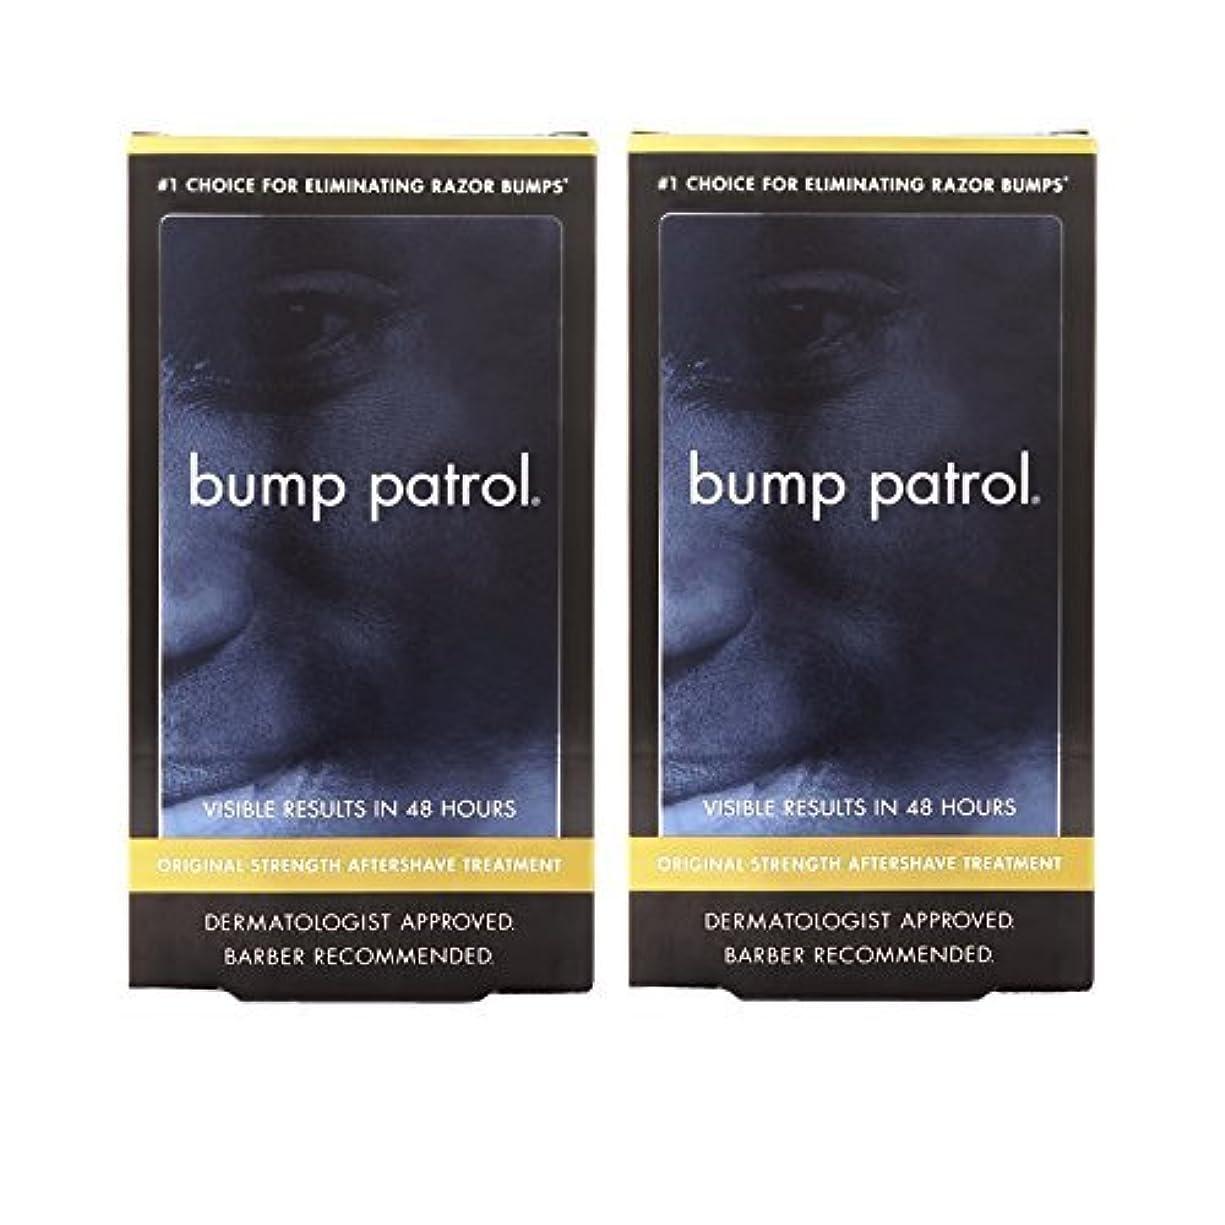 ゆりかごブラシファンBump Patrol Dermatologist Approved Original Strength Aftershave Treatment (2 oz) 2 Pack [並行輸入品]